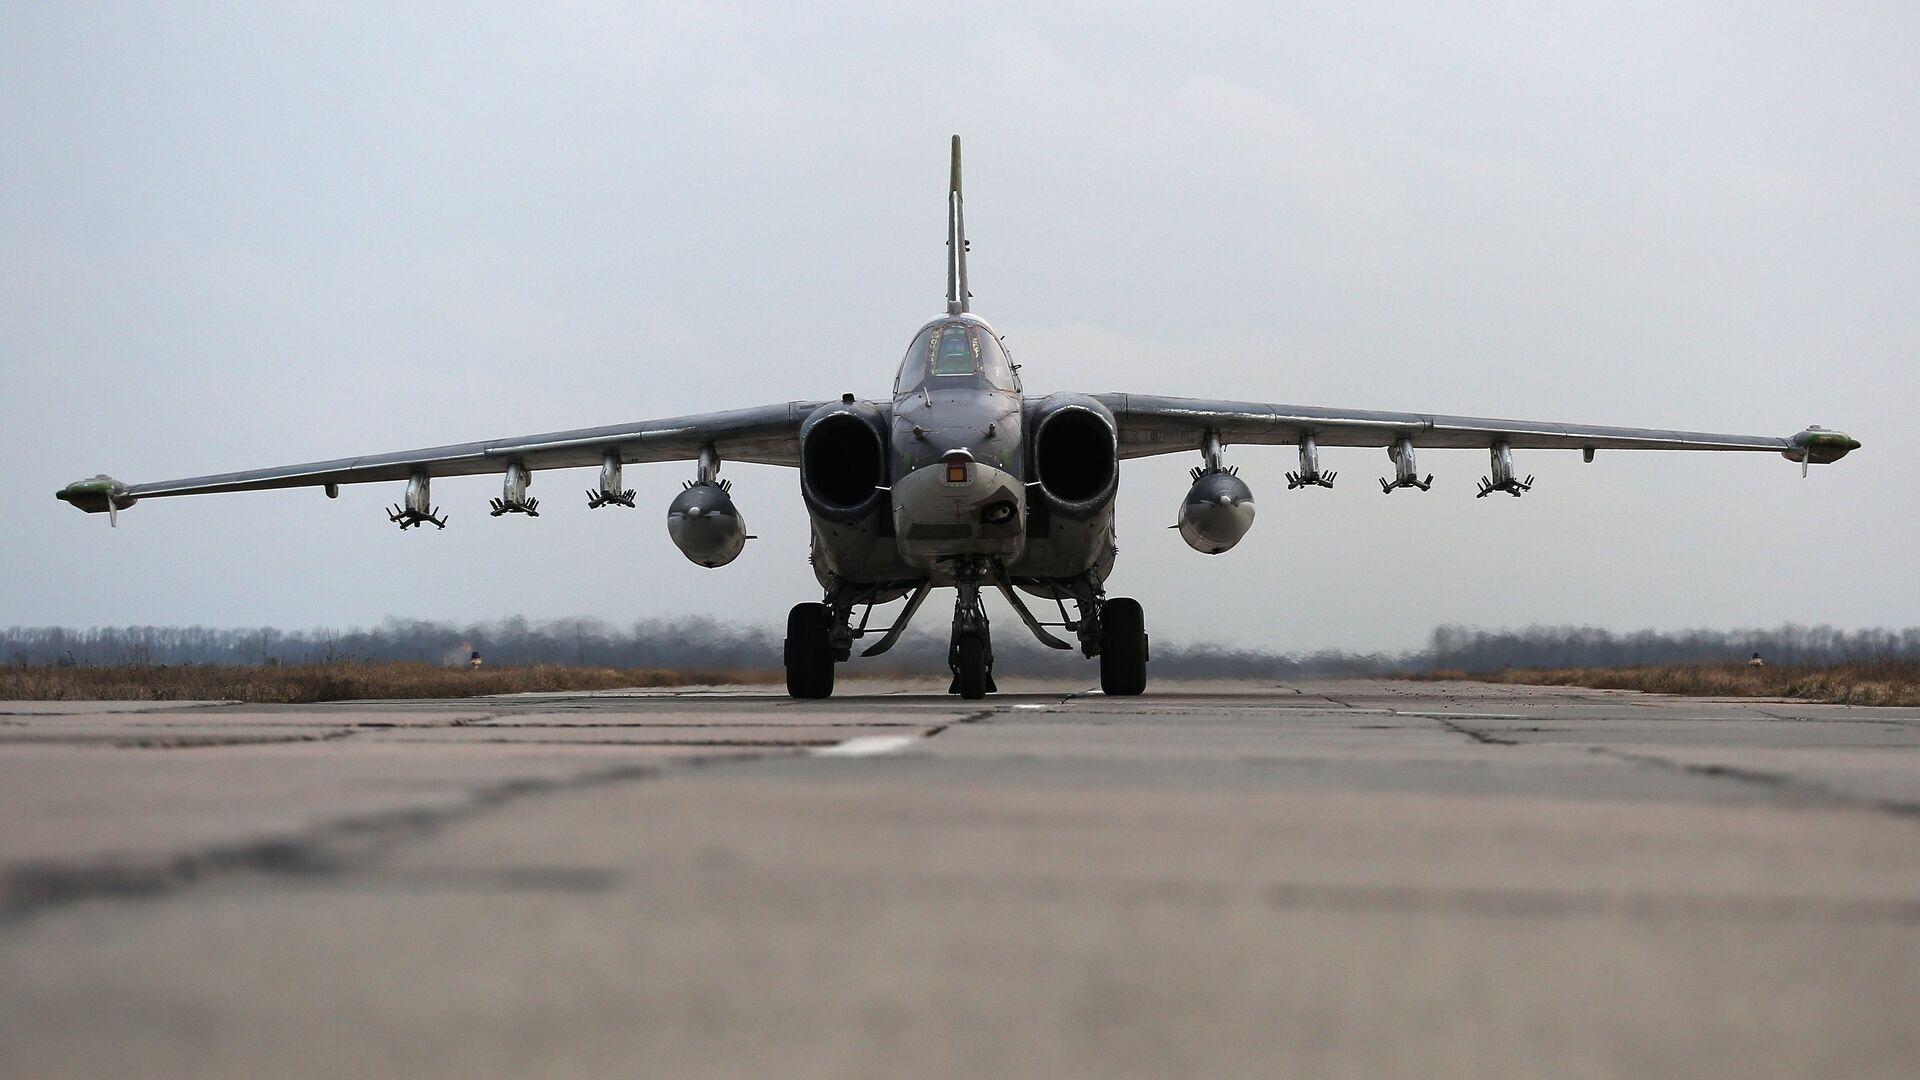 Un avión Su-25 ruso - Sputnik Mundo, 1920, 29.07.2021